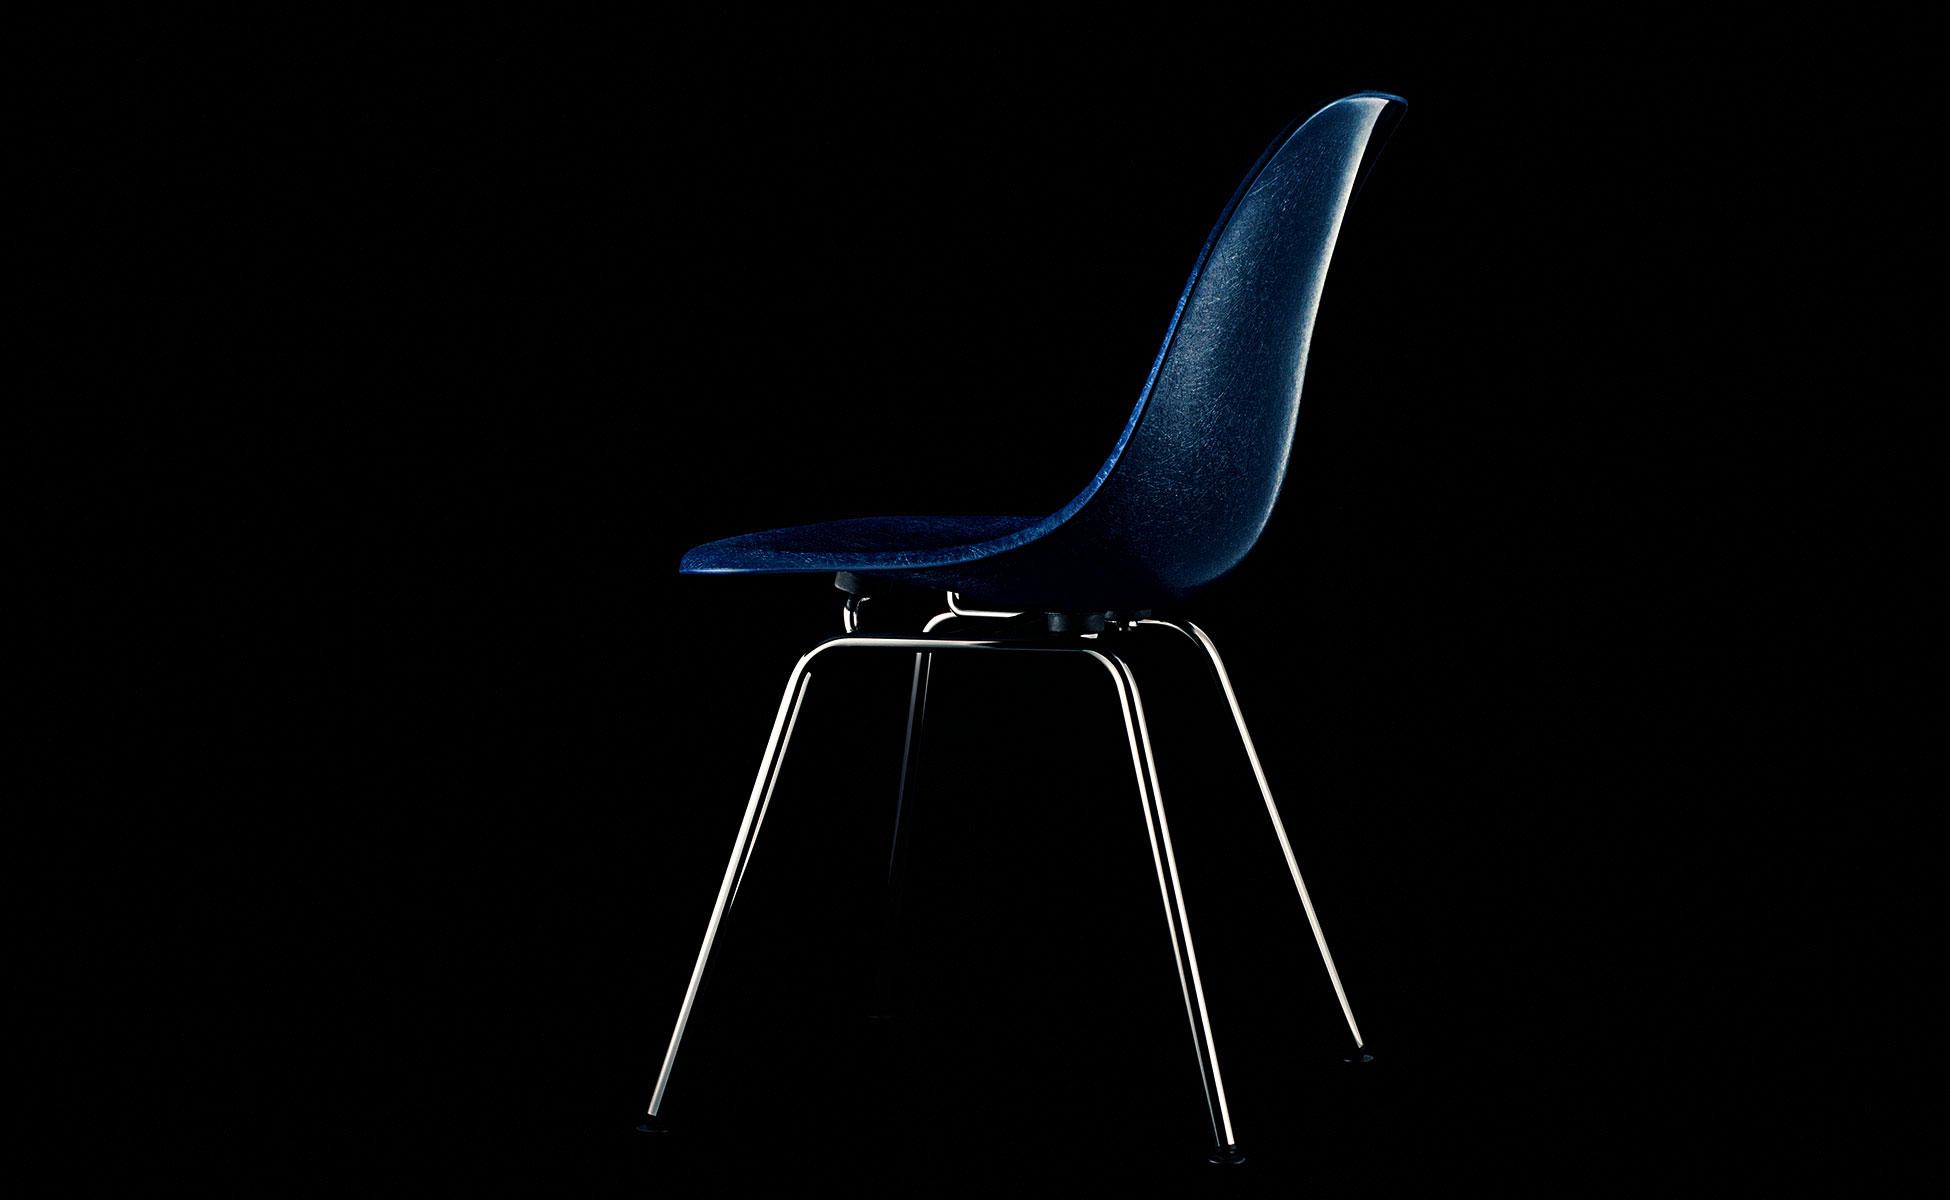 vitra eames fiberglass chair berlin steidten+ navy blue